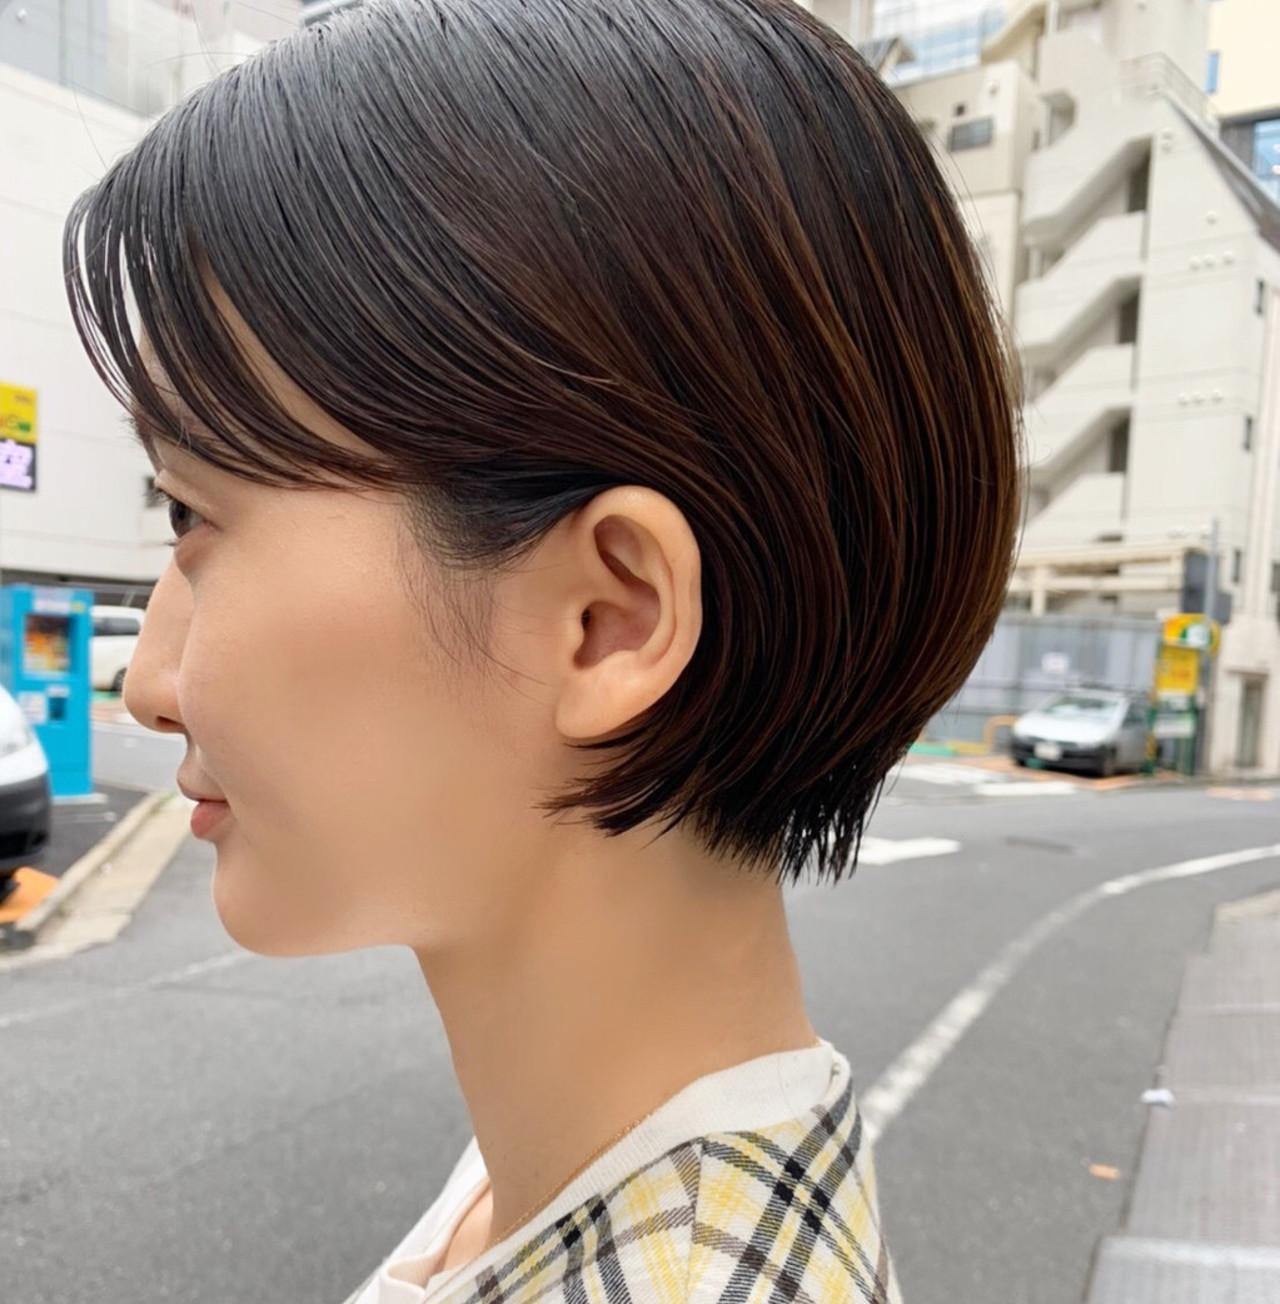 ミニボブ 前髪パーマ 伸ばしかけ ショートボブ ヘアスタイルや髪型の写真・画像 | 高橋 忍 / nanuk渋谷店(ナヌーク)